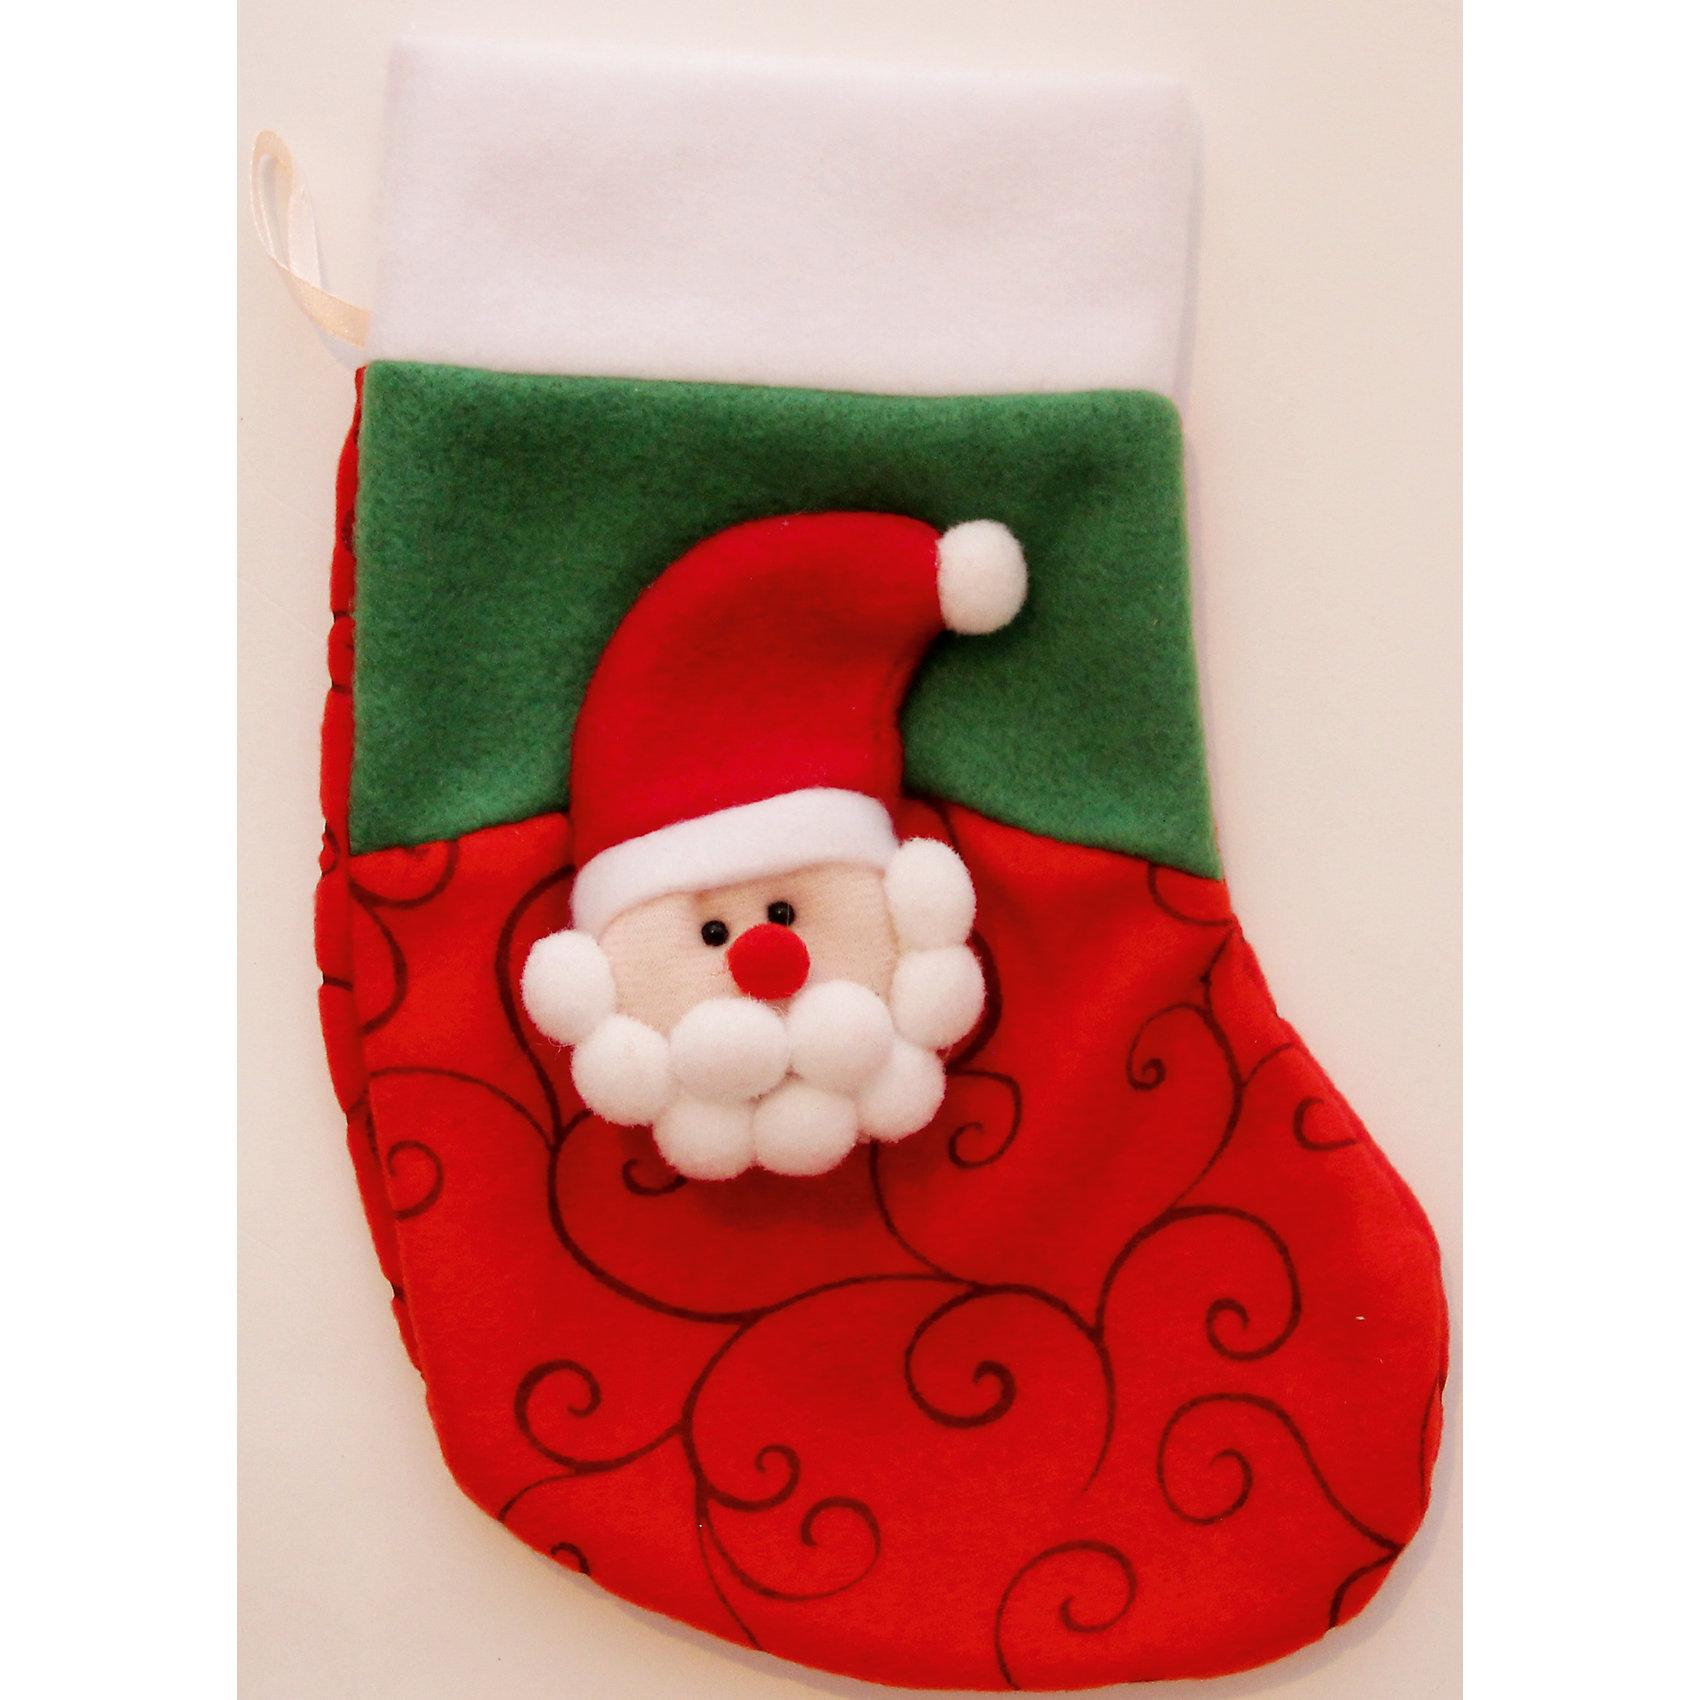 Новогоднее подвесное украшение Дед Мороз Узорный КрасныйВсё для праздника<br>Украшение новогоднее подвесное Дед Мороз Узорный Красный арт.42521 из полиэстра / 24x13,5<br><br>Ширина мм: 240<br>Глубина мм: 135<br>Высота мм: 10<br>Вес г: 33<br>Возраст от месяцев: 60<br>Возраст до месяцев: 600<br>Пол: Унисекс<br>Возраст: Детский<br>SKU: 5144631